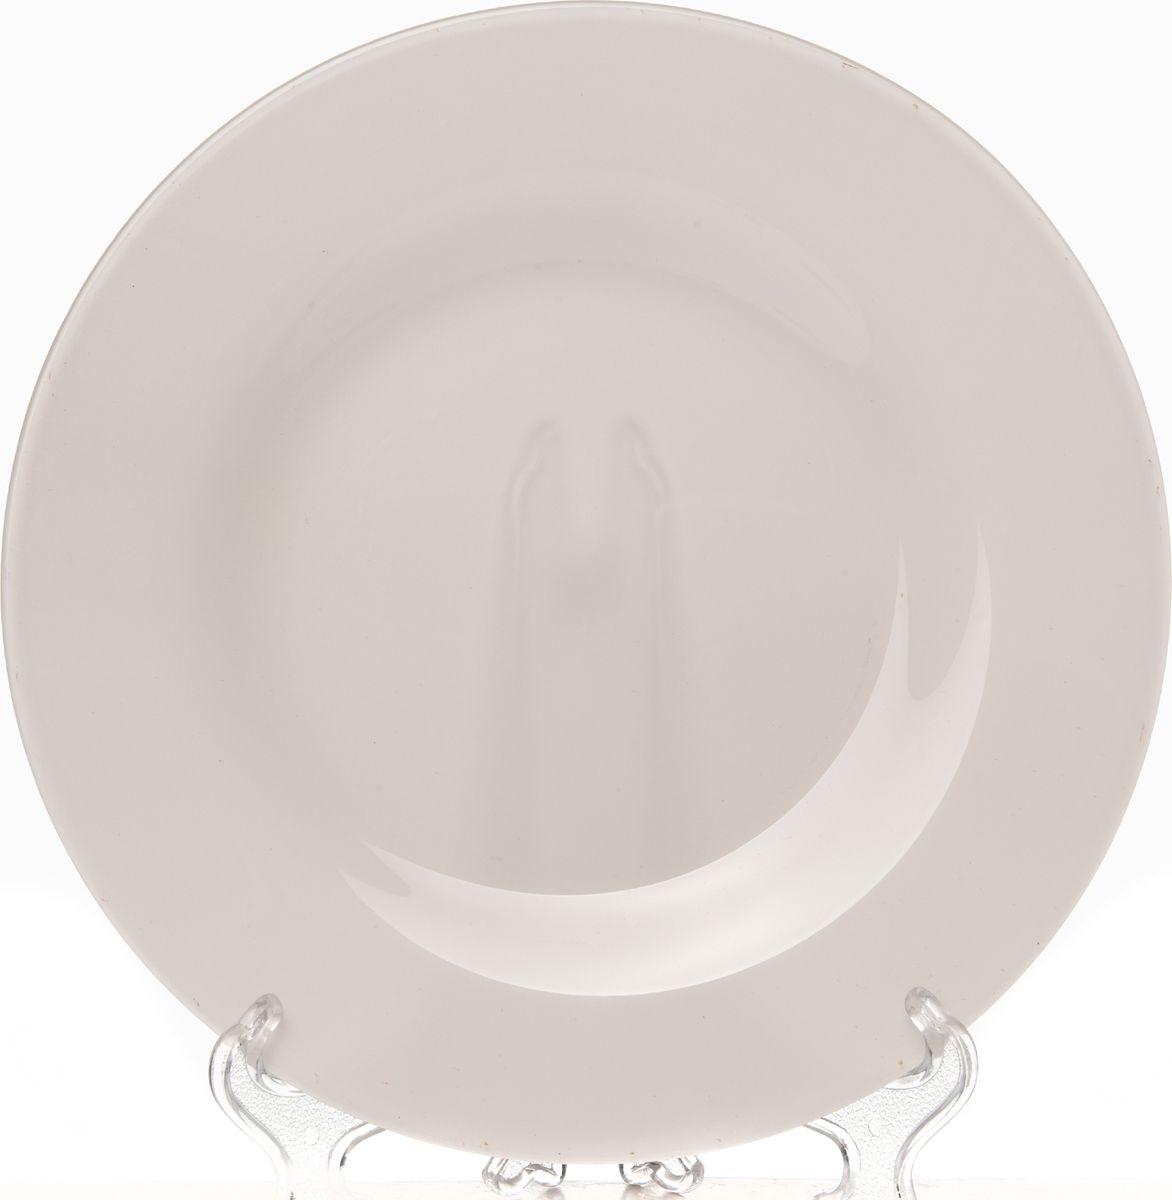 Тарелка Pasabahce БОХО, цвет: серо-розовый, диаметр 26 смMFK07568Тарелка обеденная Pasabahce БОХО выполнена из качественного стекла.Изящная тарелка прекрасно оформит праздничный стол и порадует вас и ваших гостей изысканным дизайном и формой.